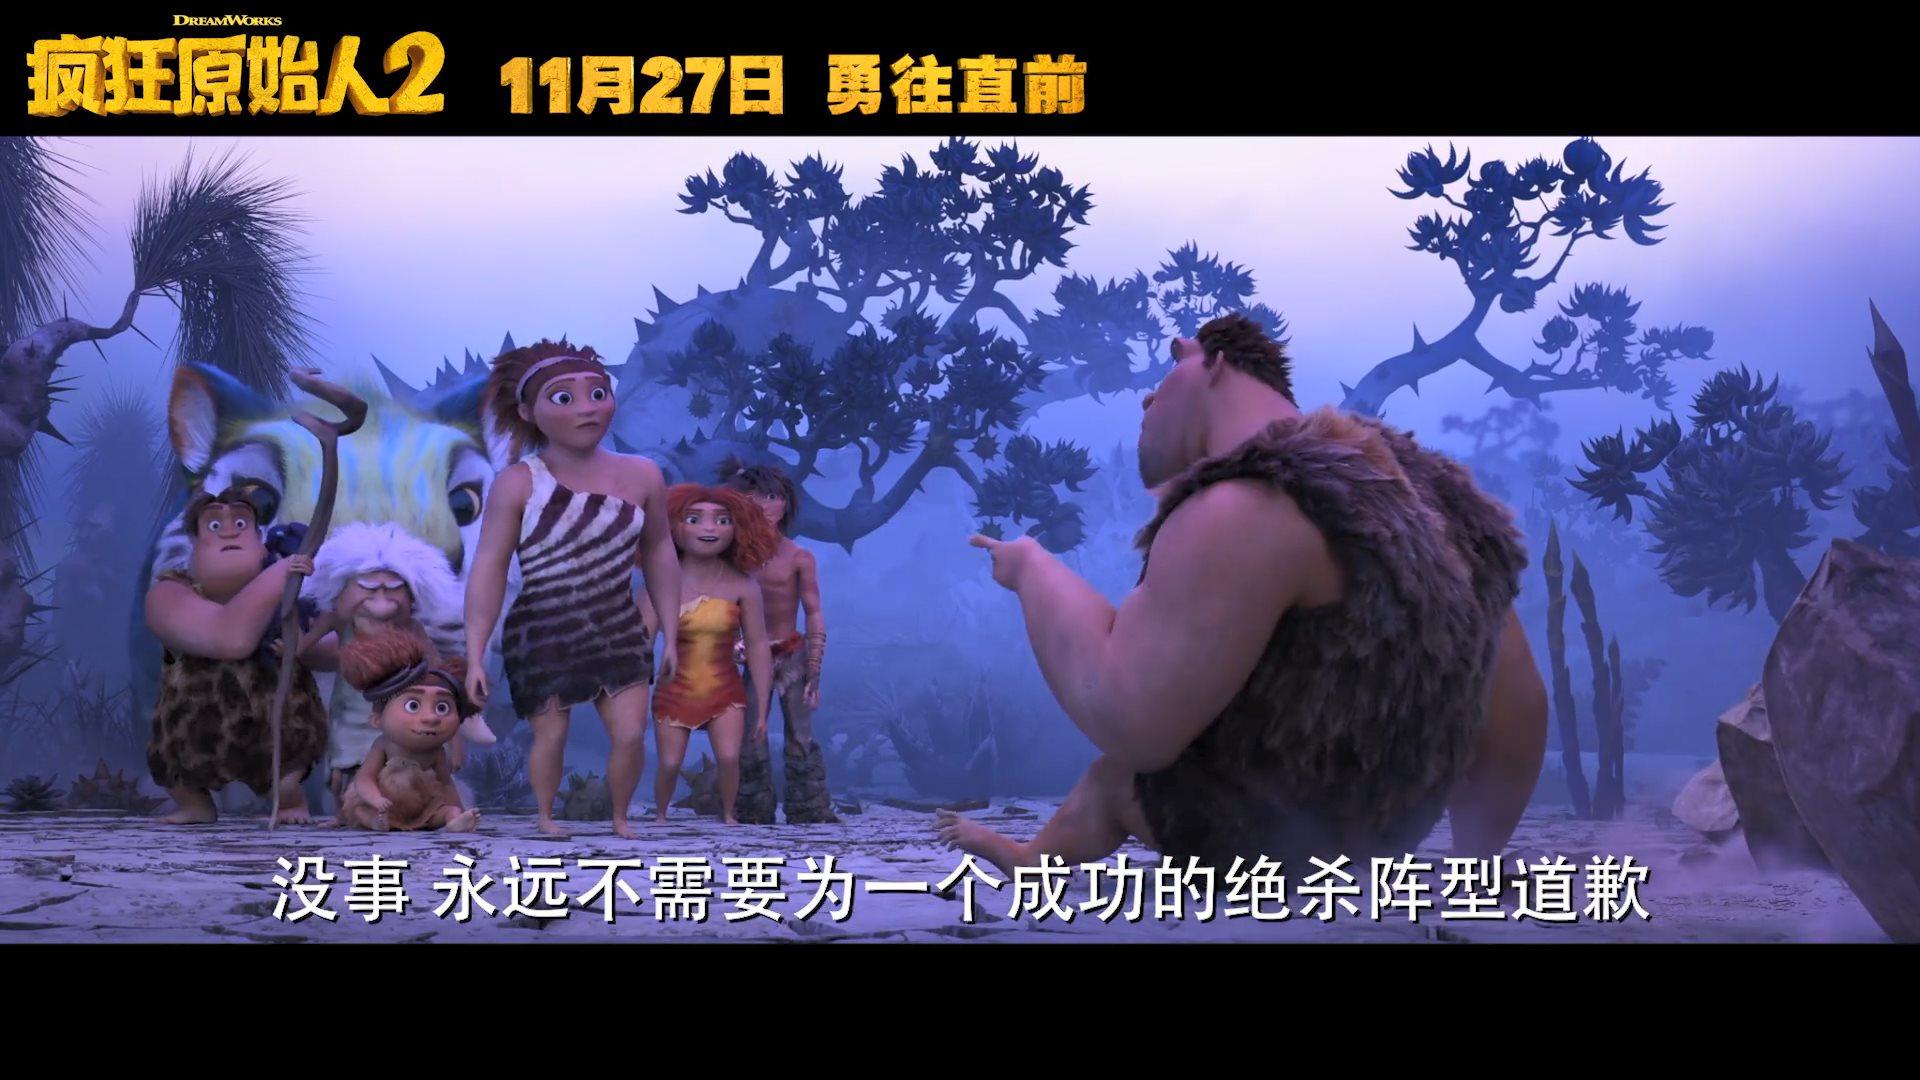 梦工厂动画《疯狂原始人2》国内定档 11月27日院线上映